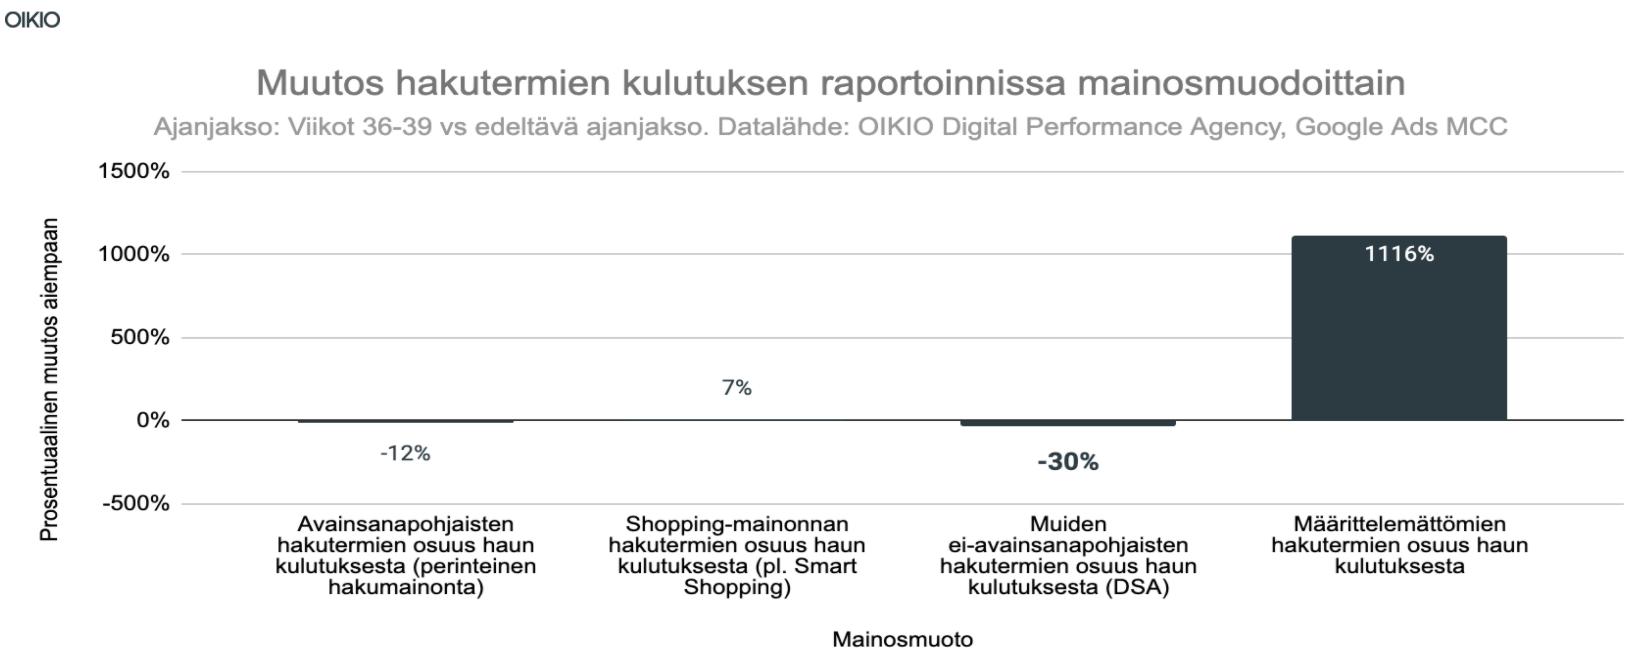 OIKIO muutos hakutermien kulutusten raportoinnissa mainosmuodoittain